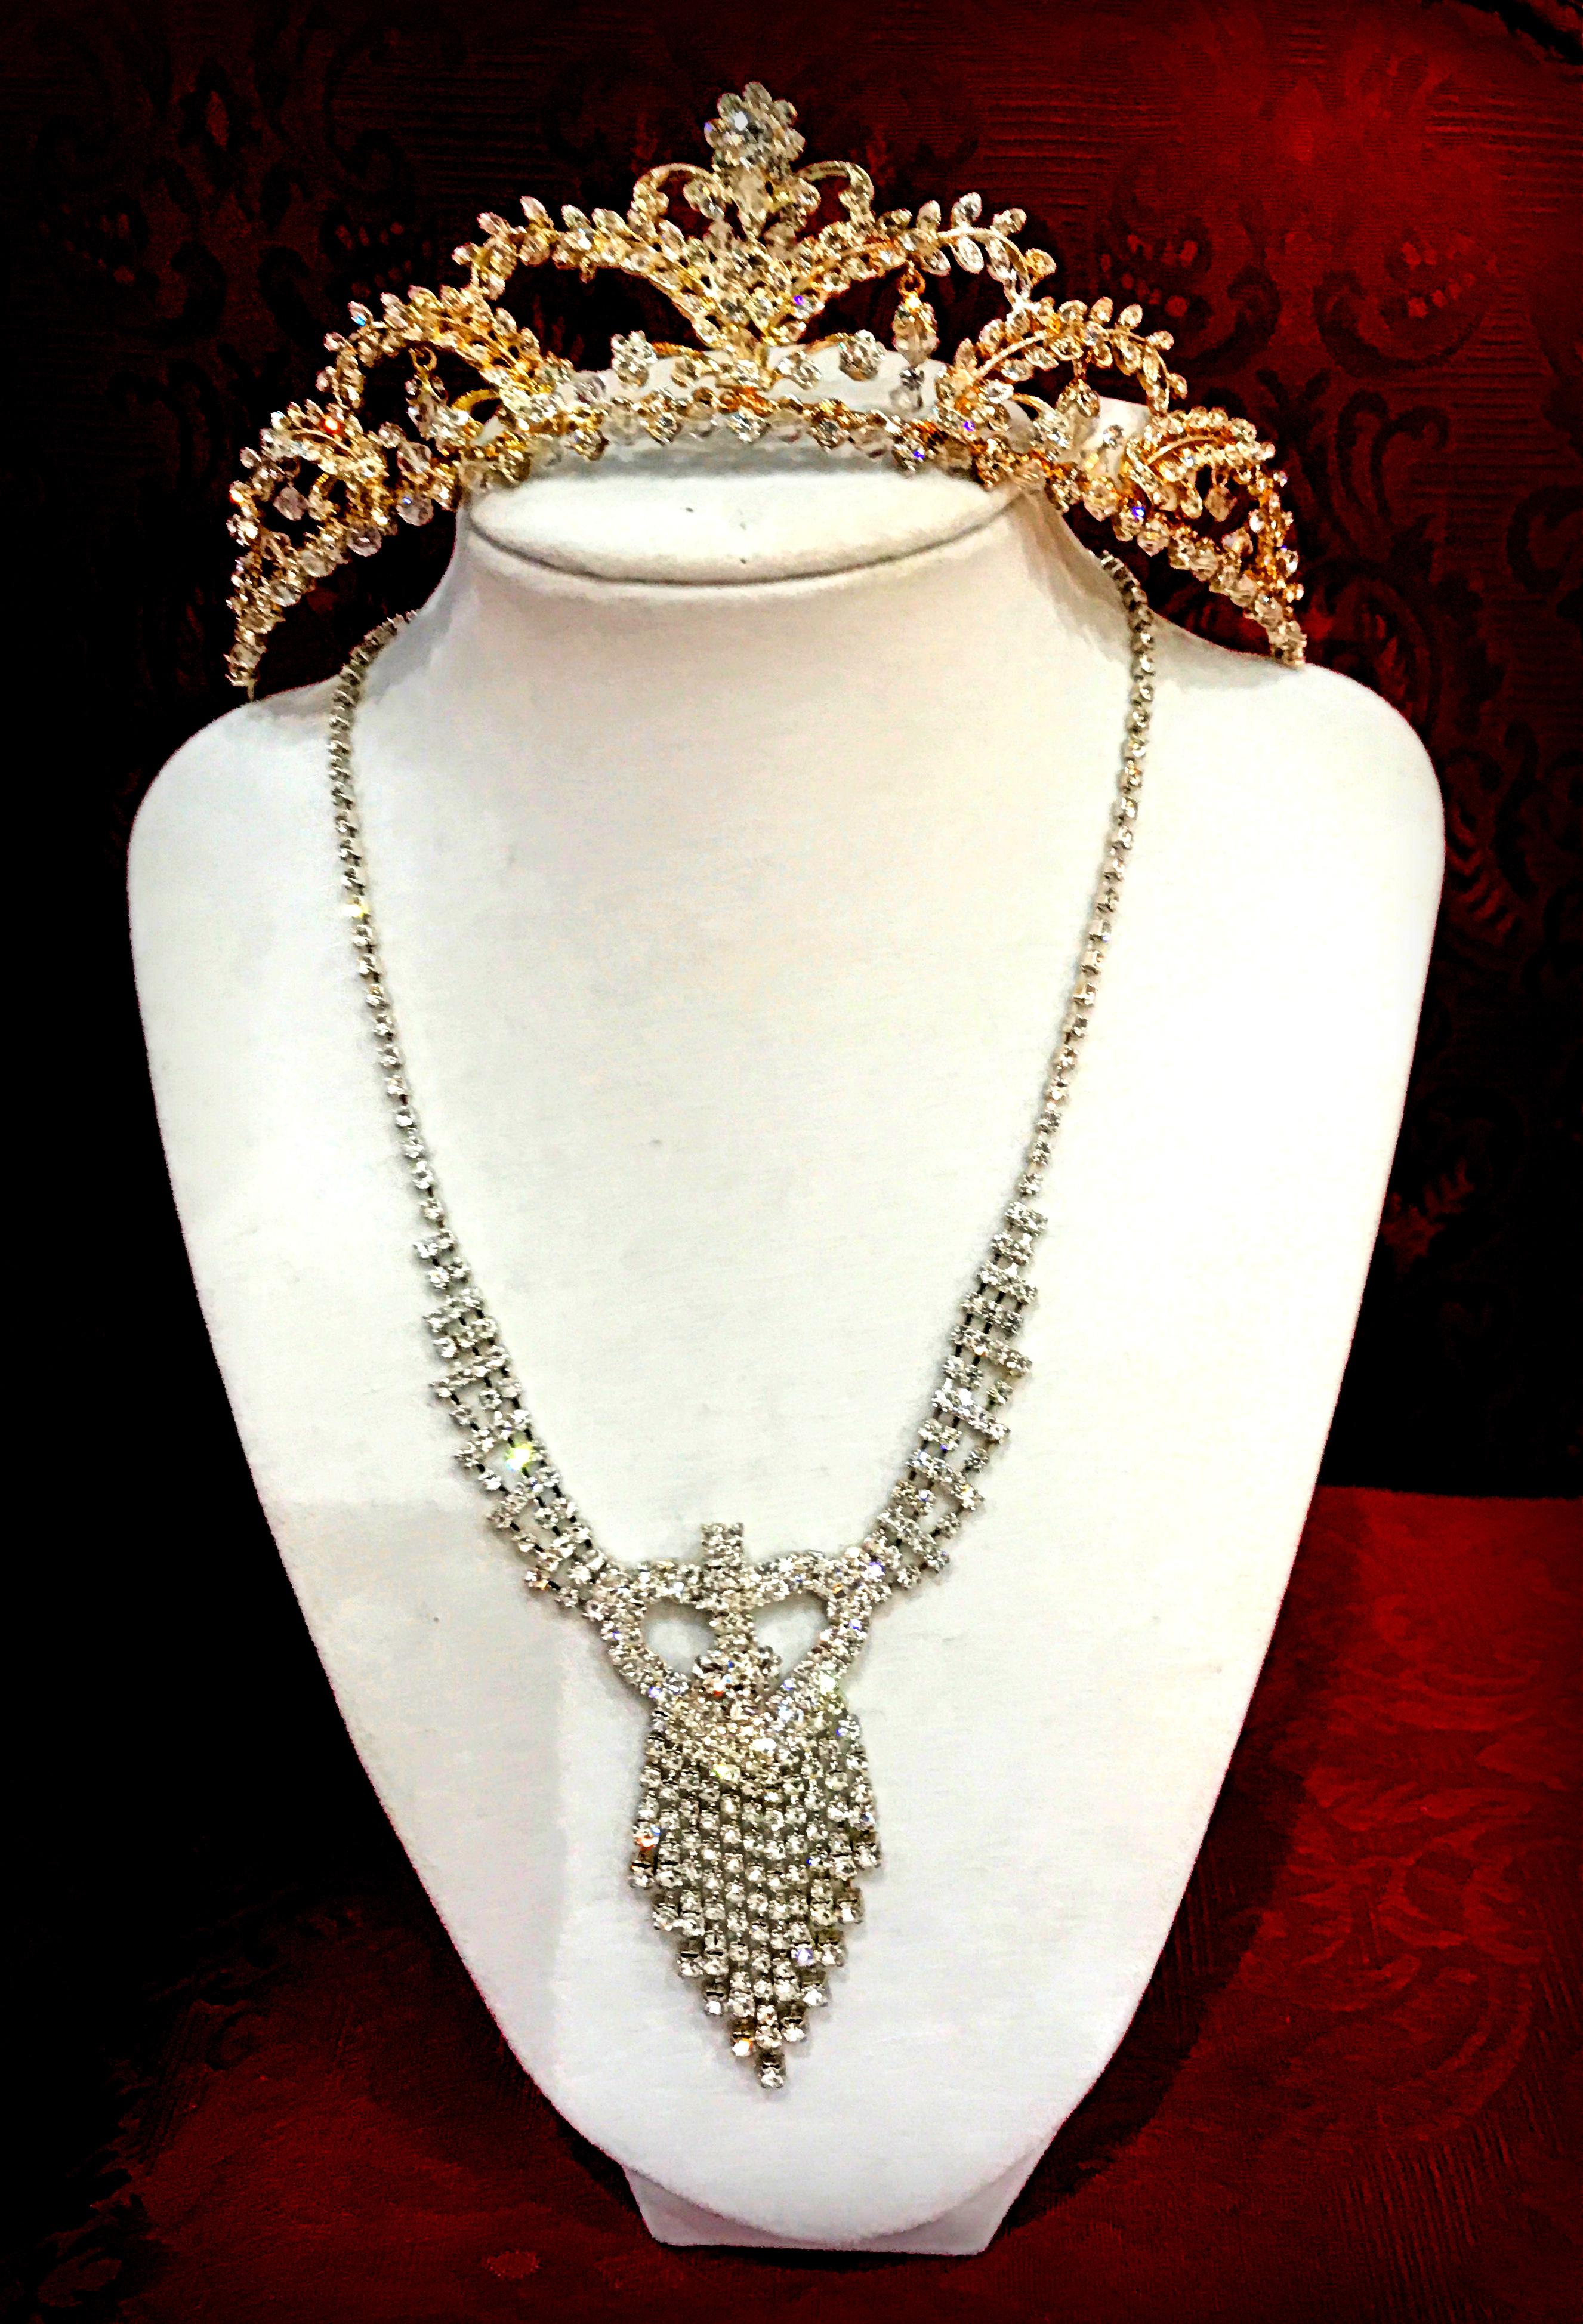 Tiara and Necklace Set